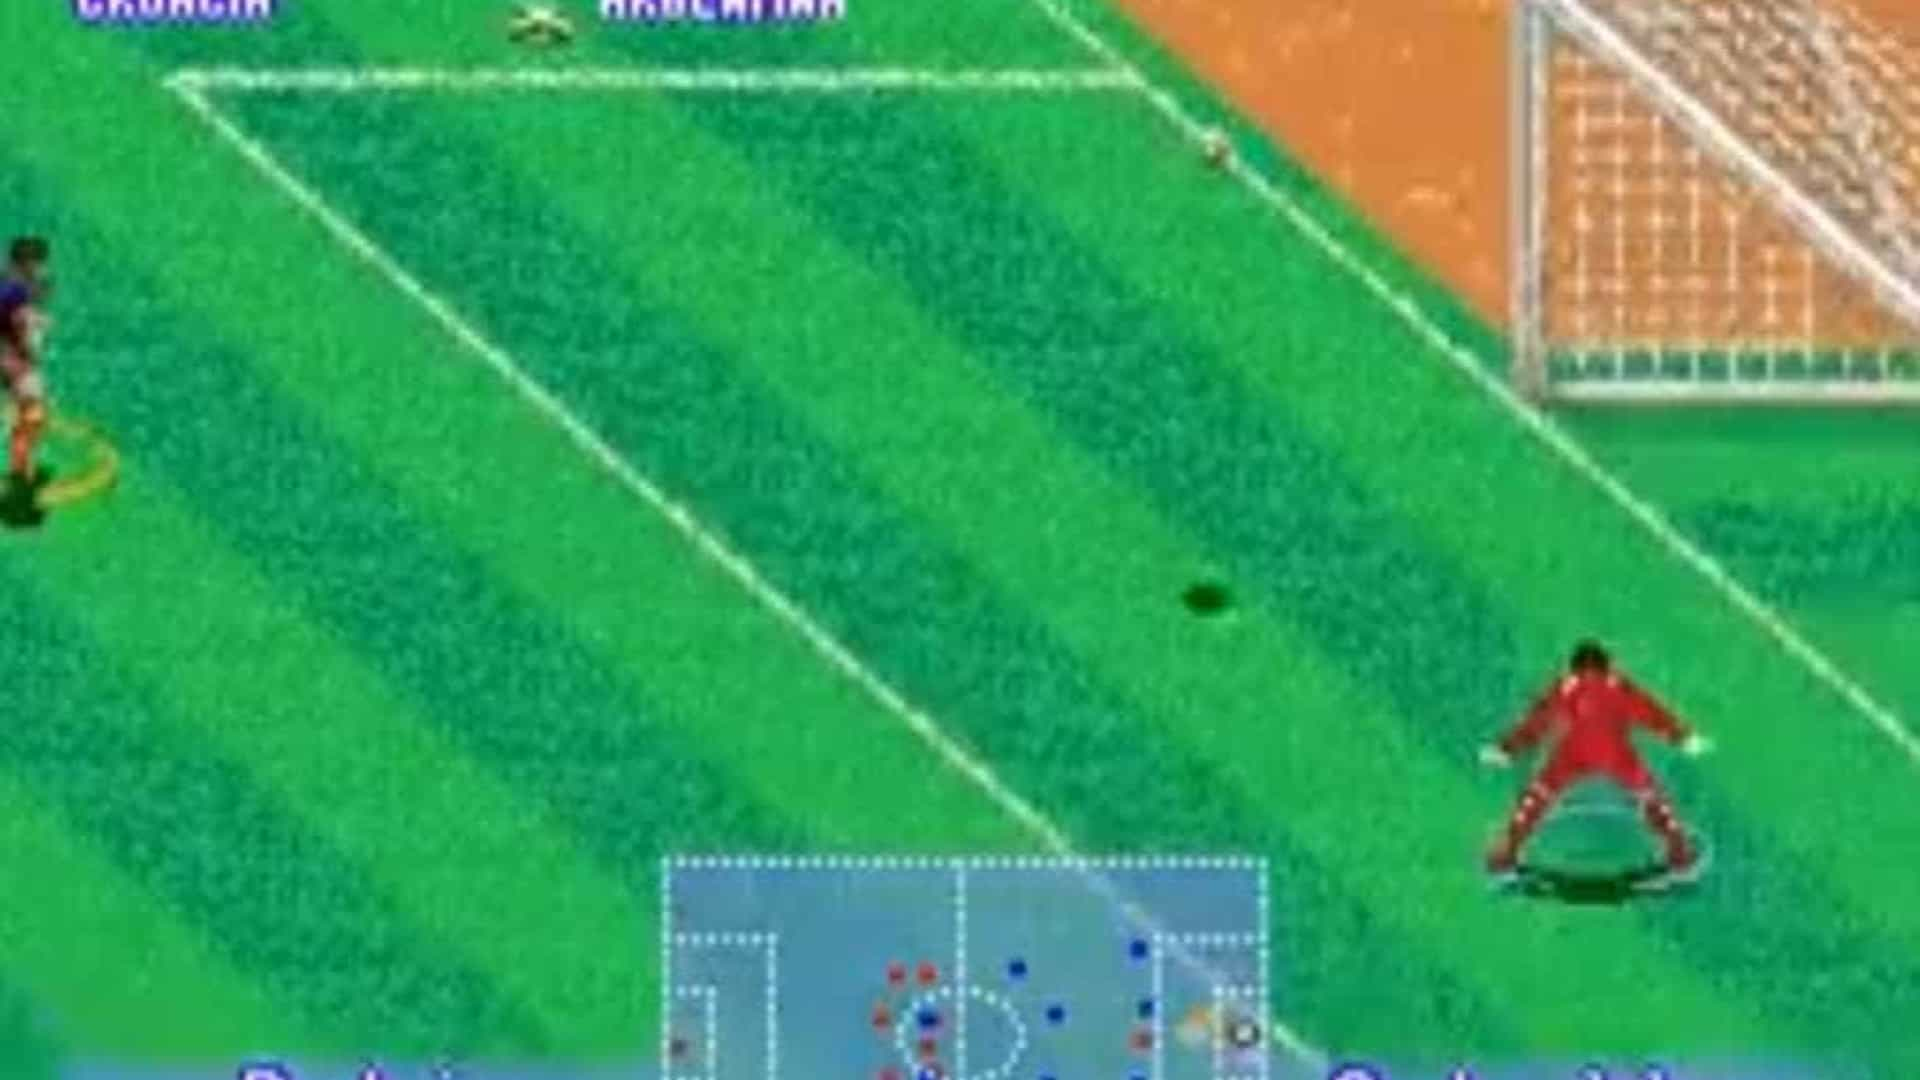 Golo da Croácia após erro de Caballero reproduzido em jogo dos anos 90 bbea8334deb4b